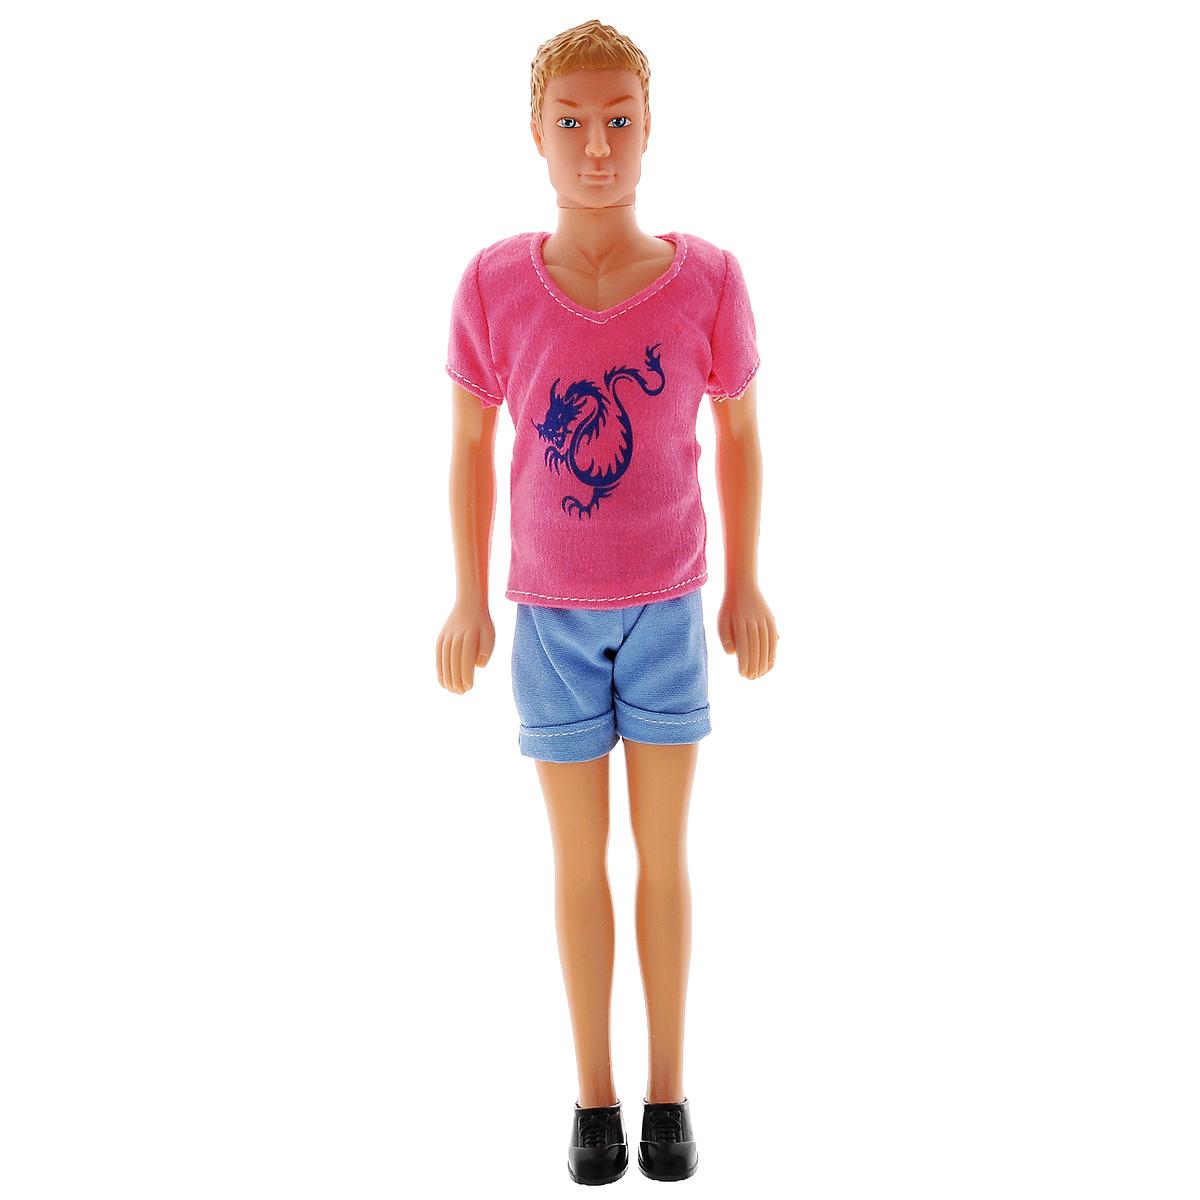 Simba Кукла Кевин-спортсмен simba кукла штеффи pop art цвет одежды розовый желтый